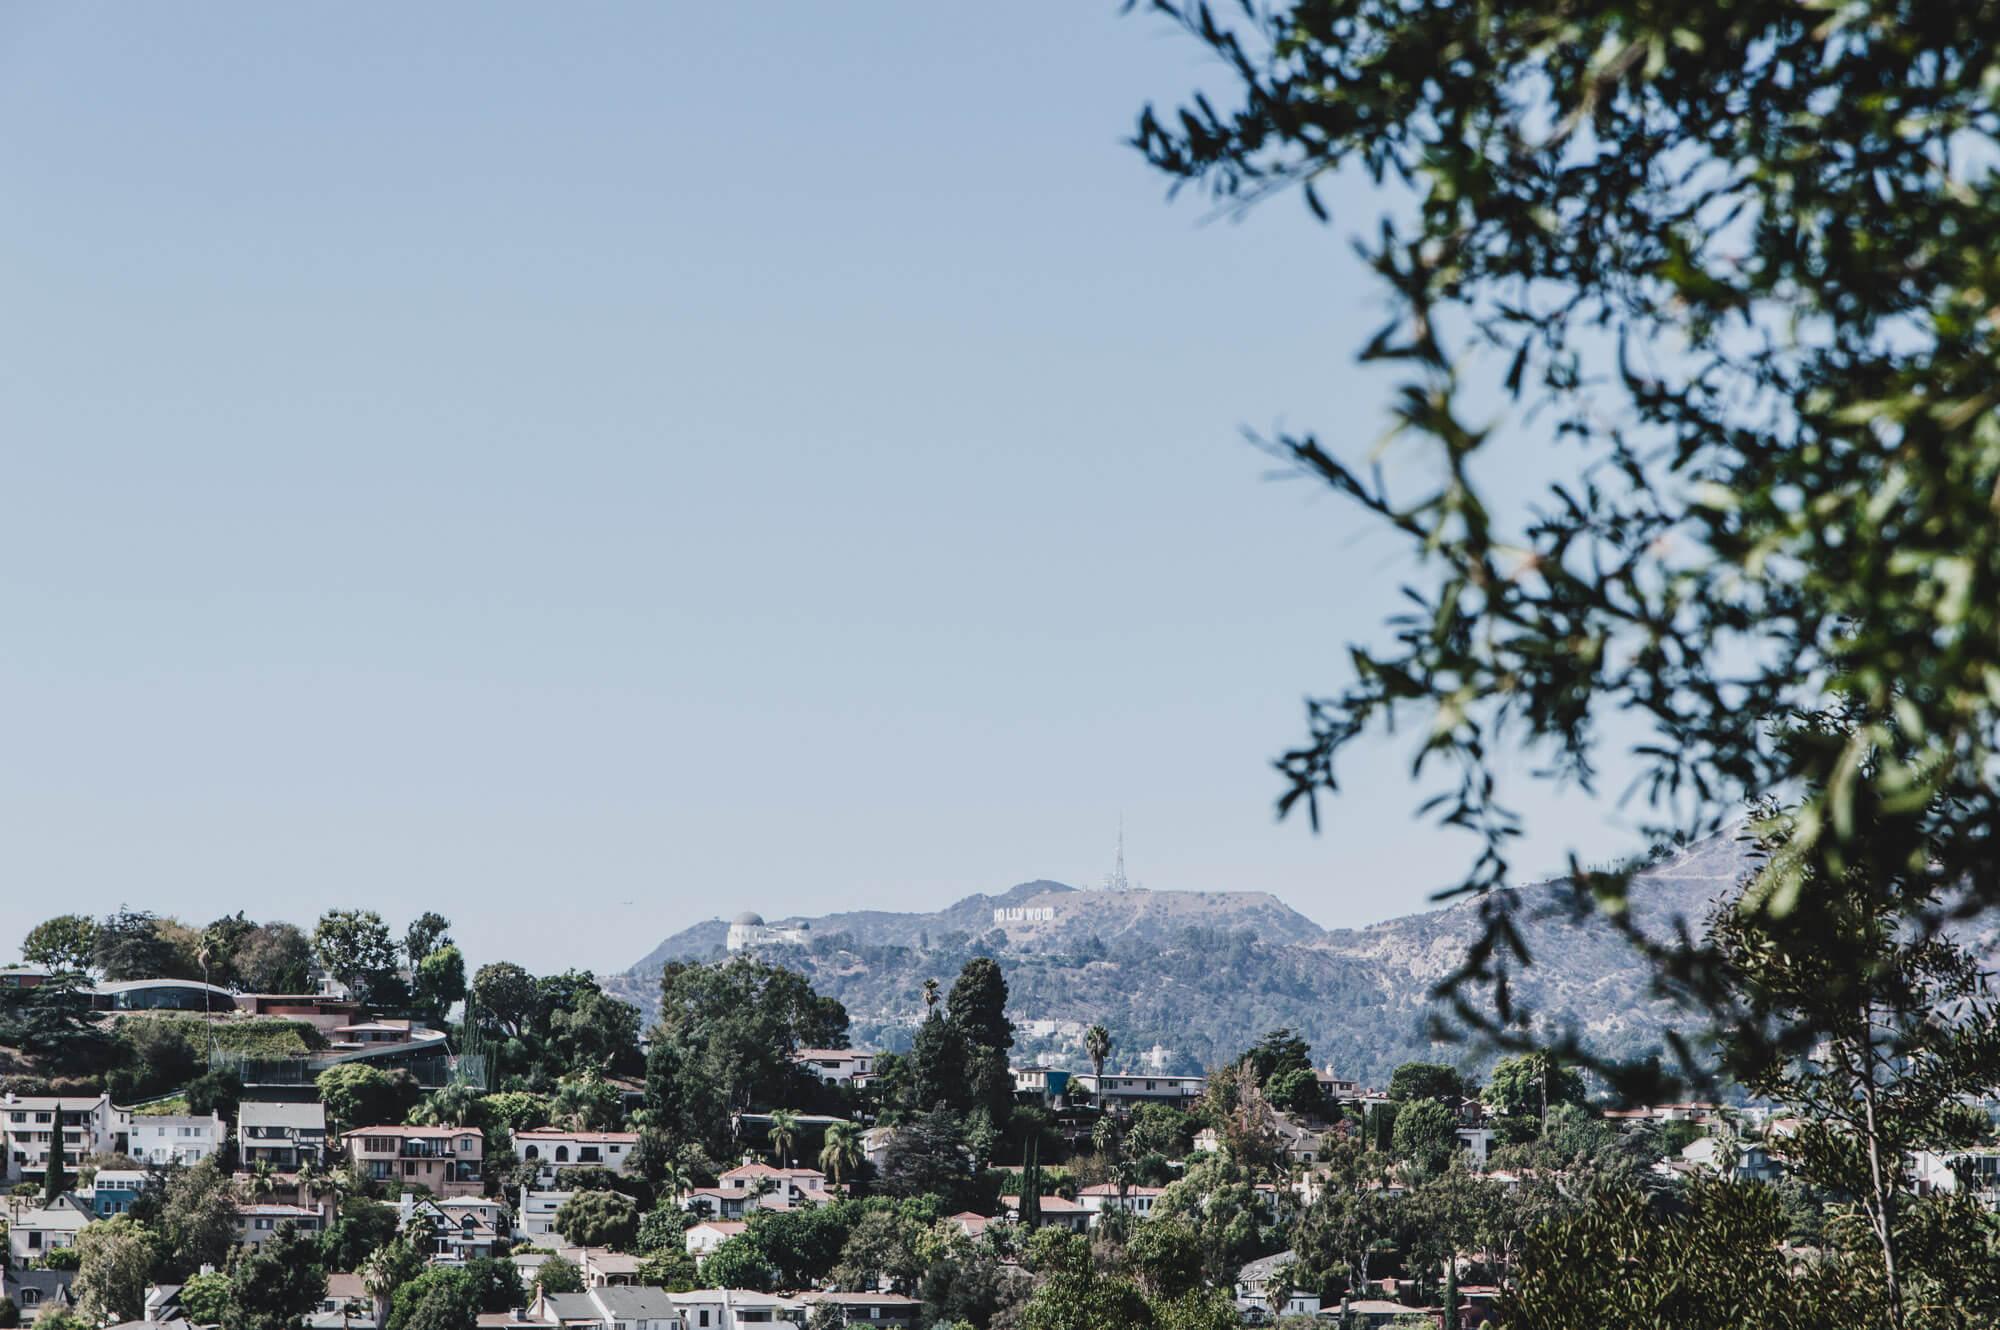 Los Angeles Tipps und Geheimtipps für den Städtetrip Blick auf das Hollywood Sign von Silver Lake